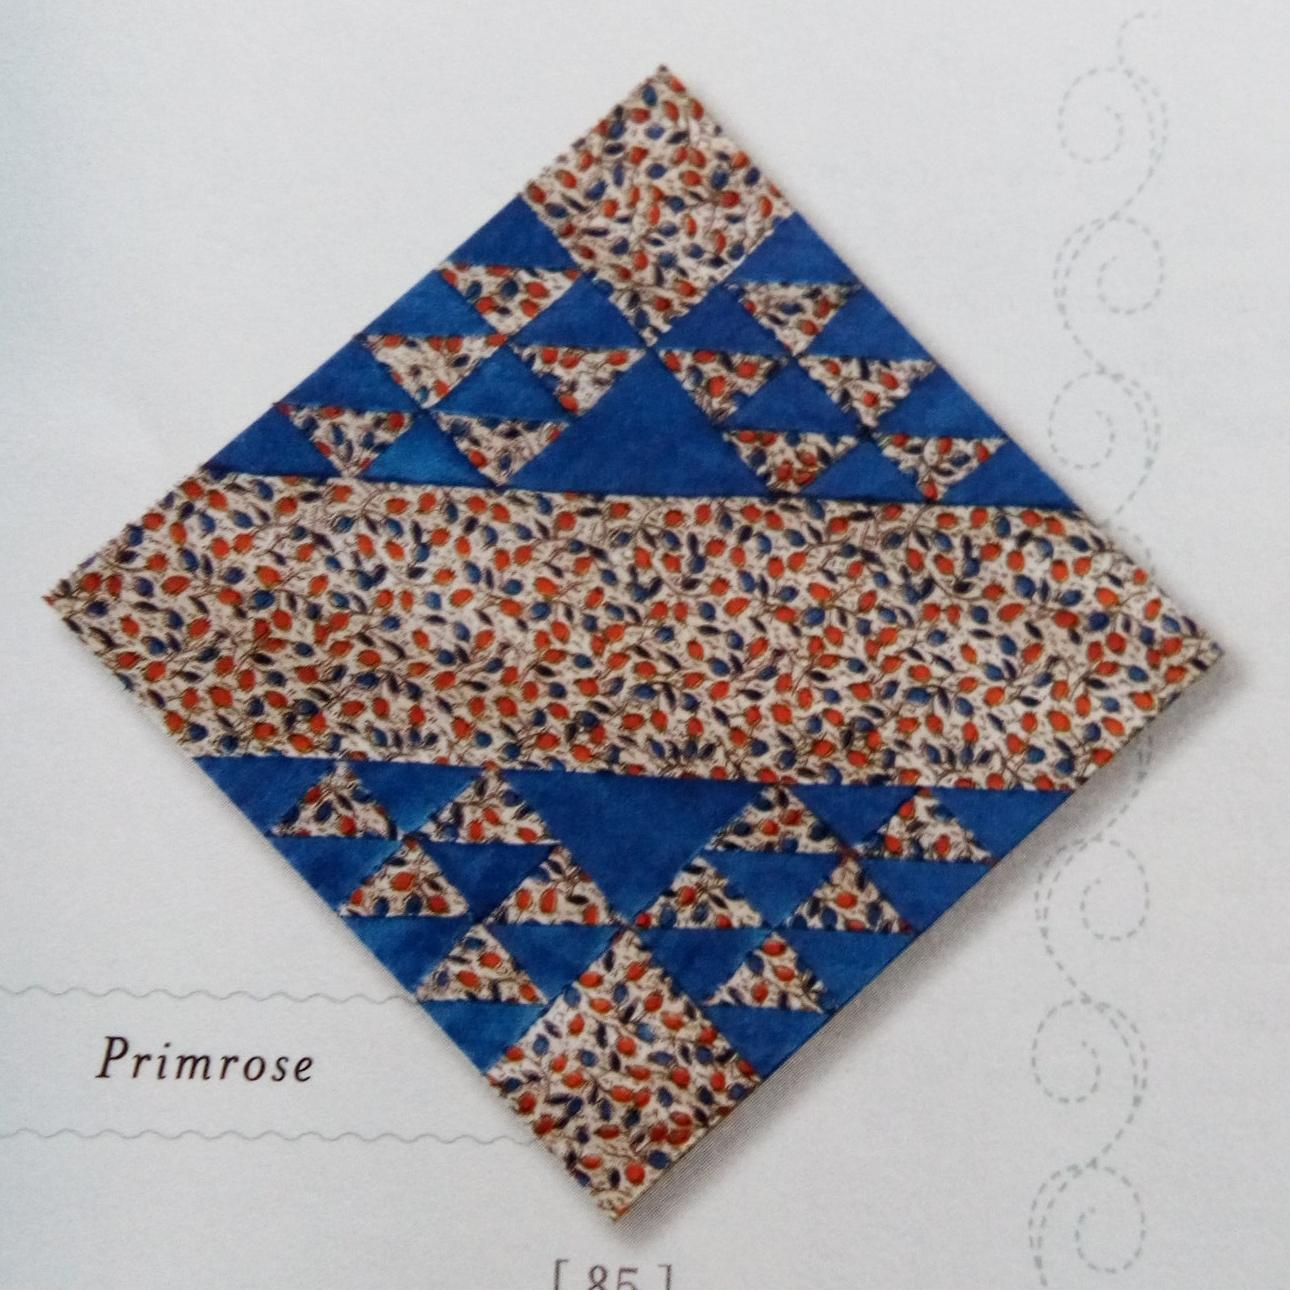 Primrose: Coming May 14